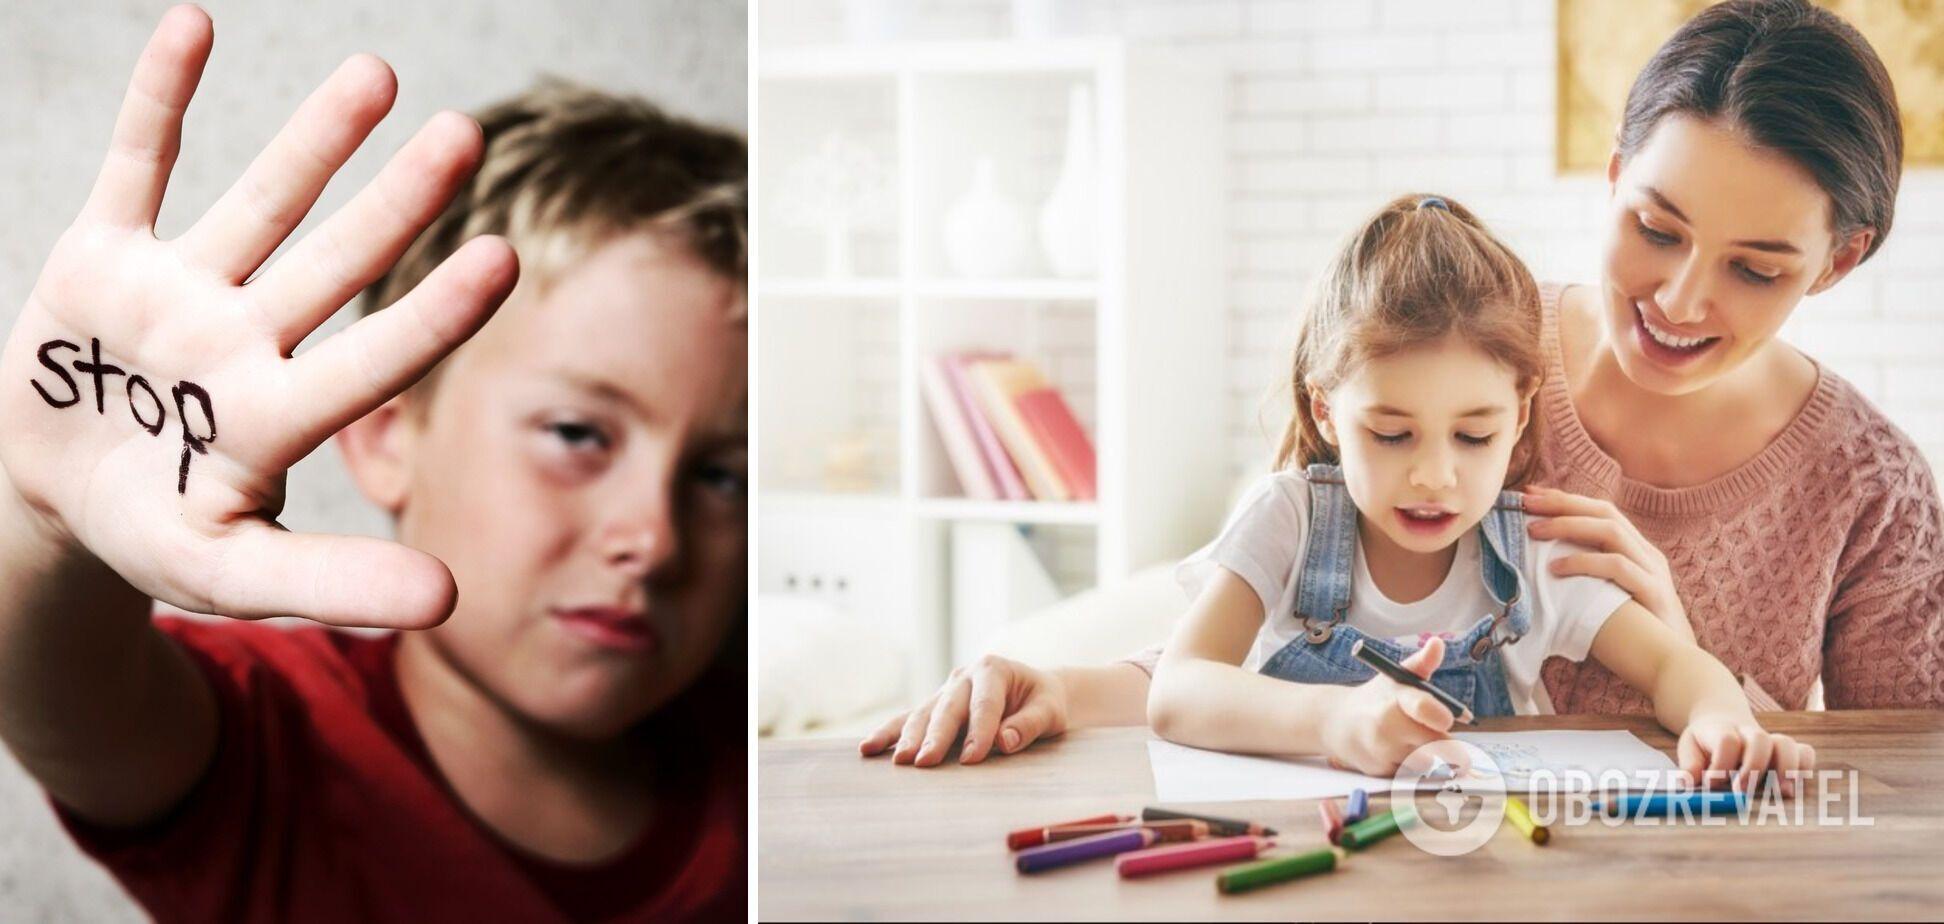 10 минут для родителей, которые хотят защитить ребенка от насилия